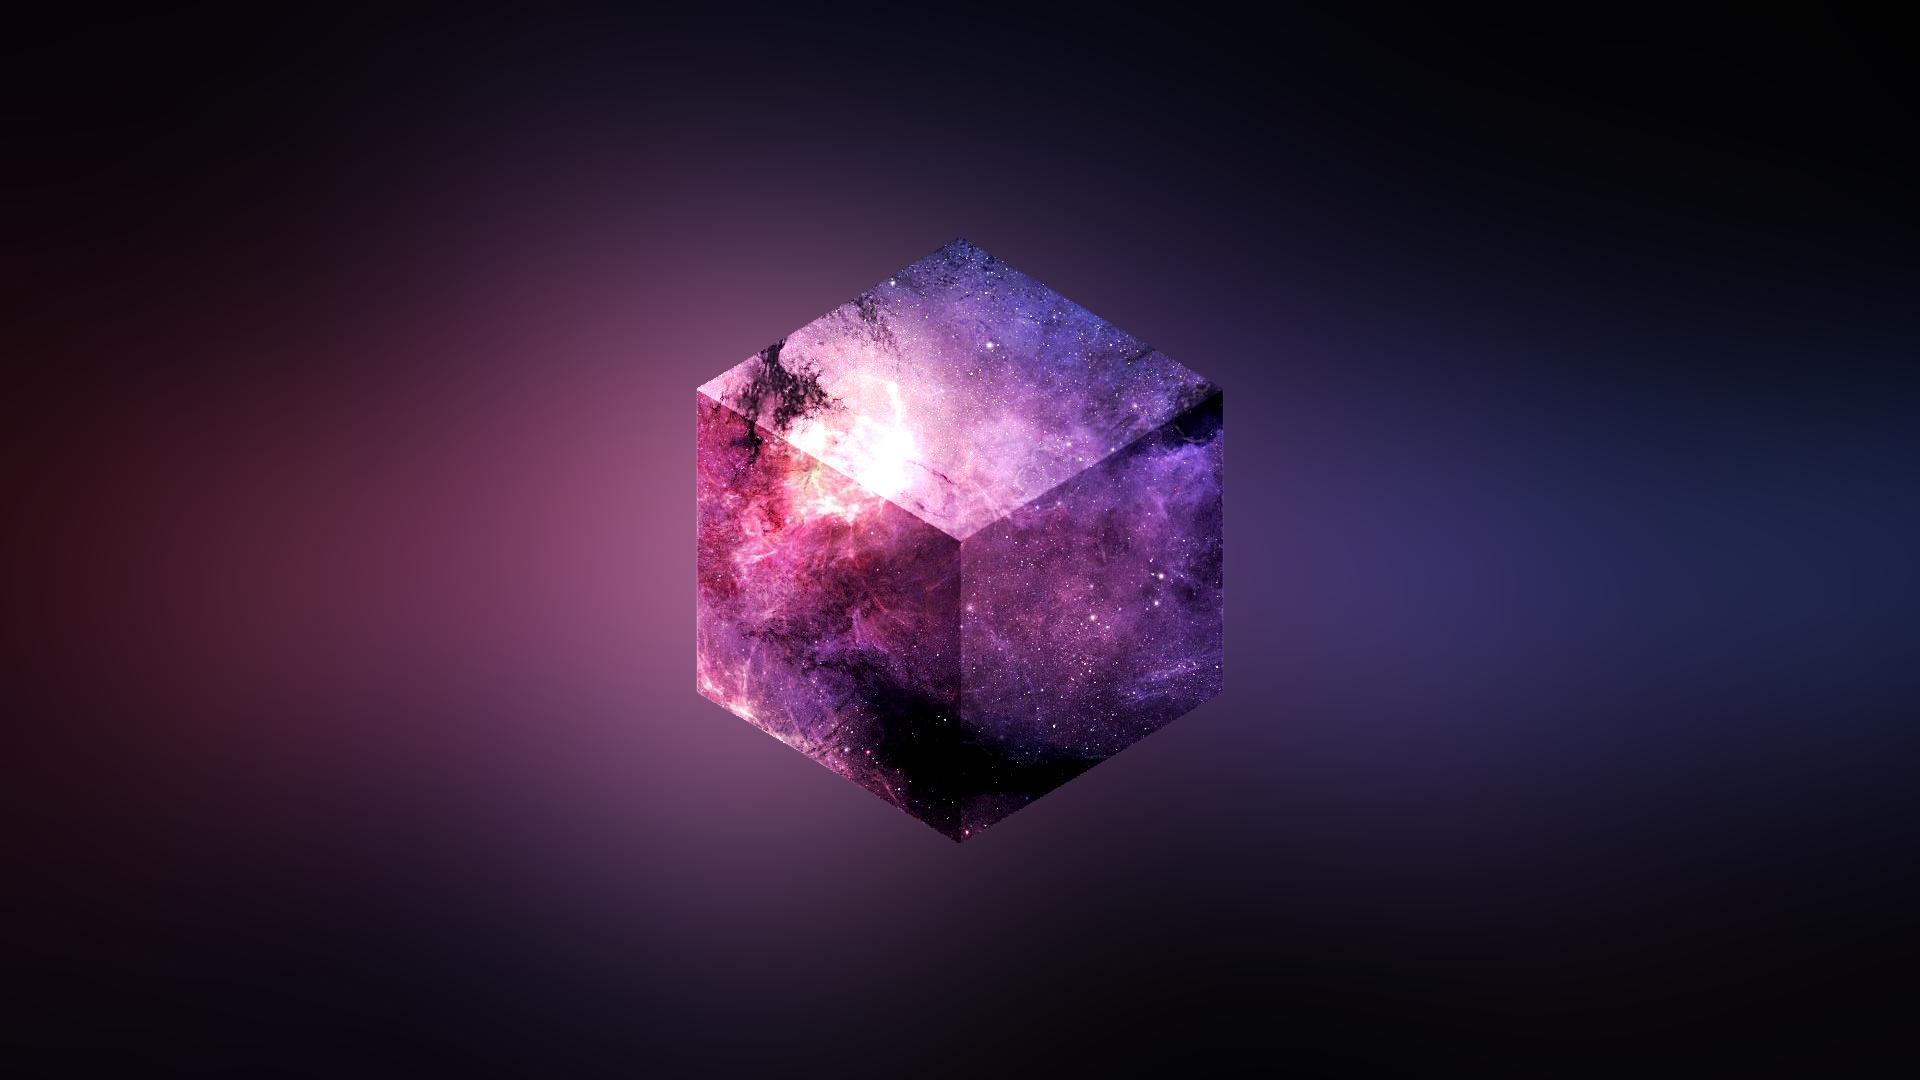 куб, космос, абстрактные